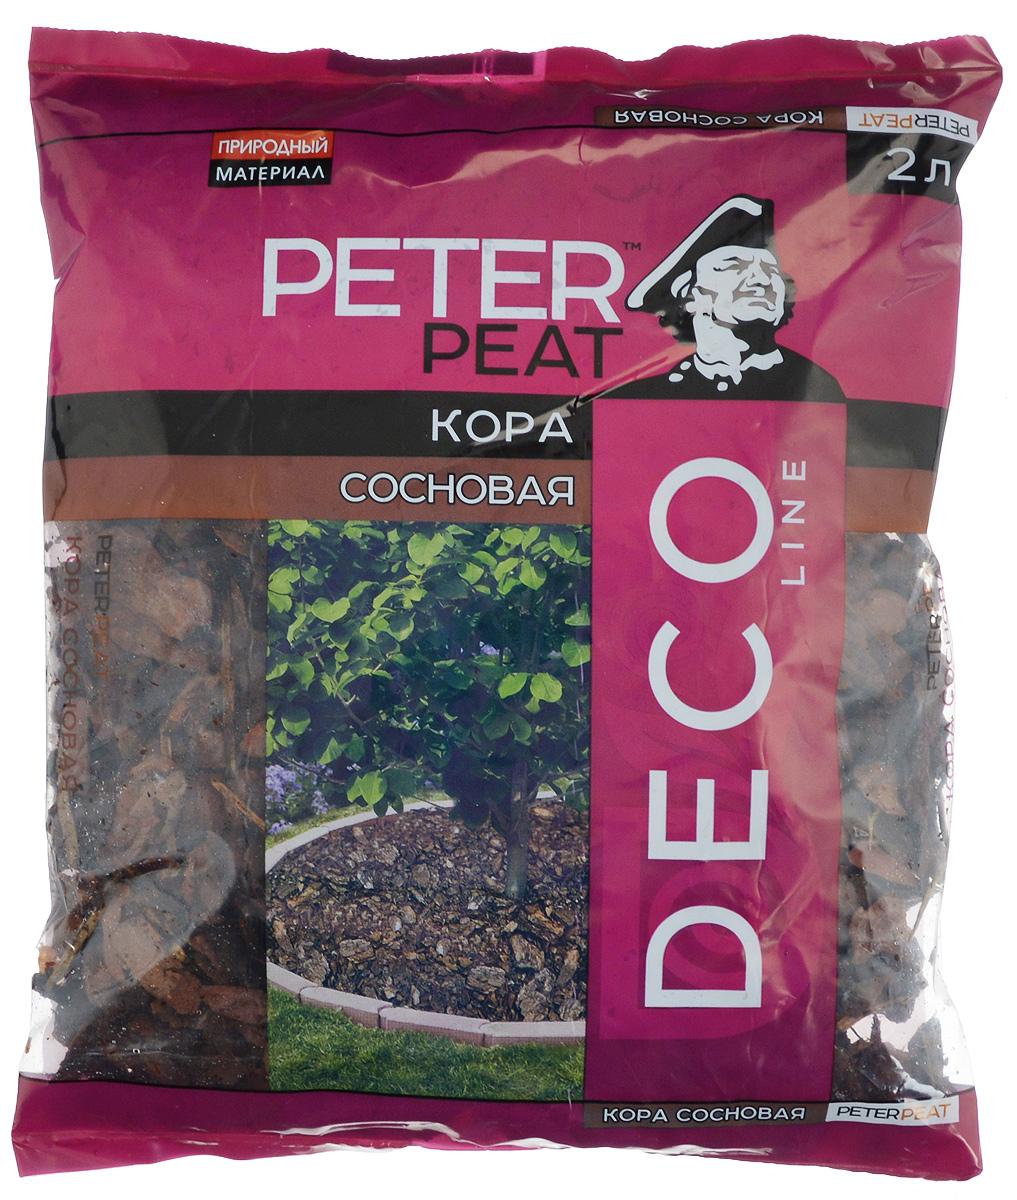 Кора сосновая Peter Peat, 2 лД-01-2Сосновая кора Peter Peat - экологически чистый природный материал. Кора защищает почву от перепадов температуры, сохраняет почвенную влагу, снижает количество сорняков. Не содержит примесей. Сосновая кора создает благоприятные условия для роста корней, повышает биологическую активность почвы. Широко используется для оформления клумб, дорожек, мульчирования посадок клубники, плодовых и декоративных кустарников и деревьев. Кора в составе декоративных композиций придает им красивый вид и наполняет пространство ароматом соснового леса.